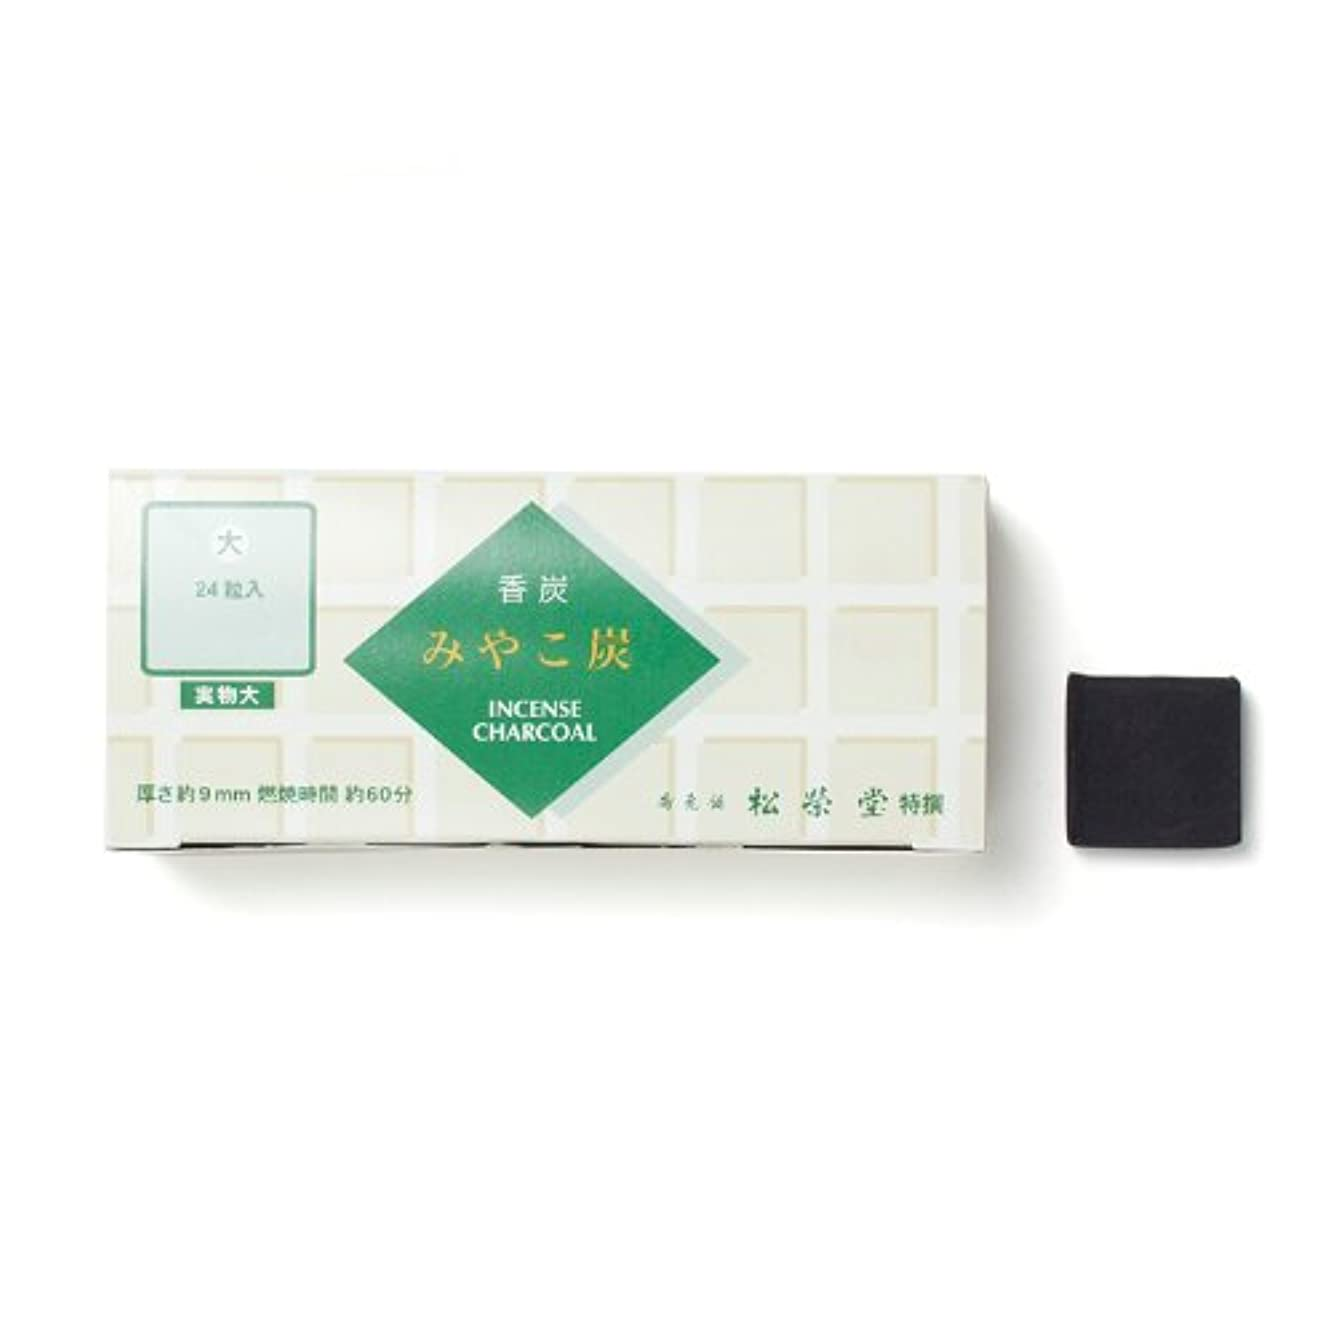 セットアップ酸素測る松栄堂の香炭 みやこ炭 B大24粒 緑箱 #750112